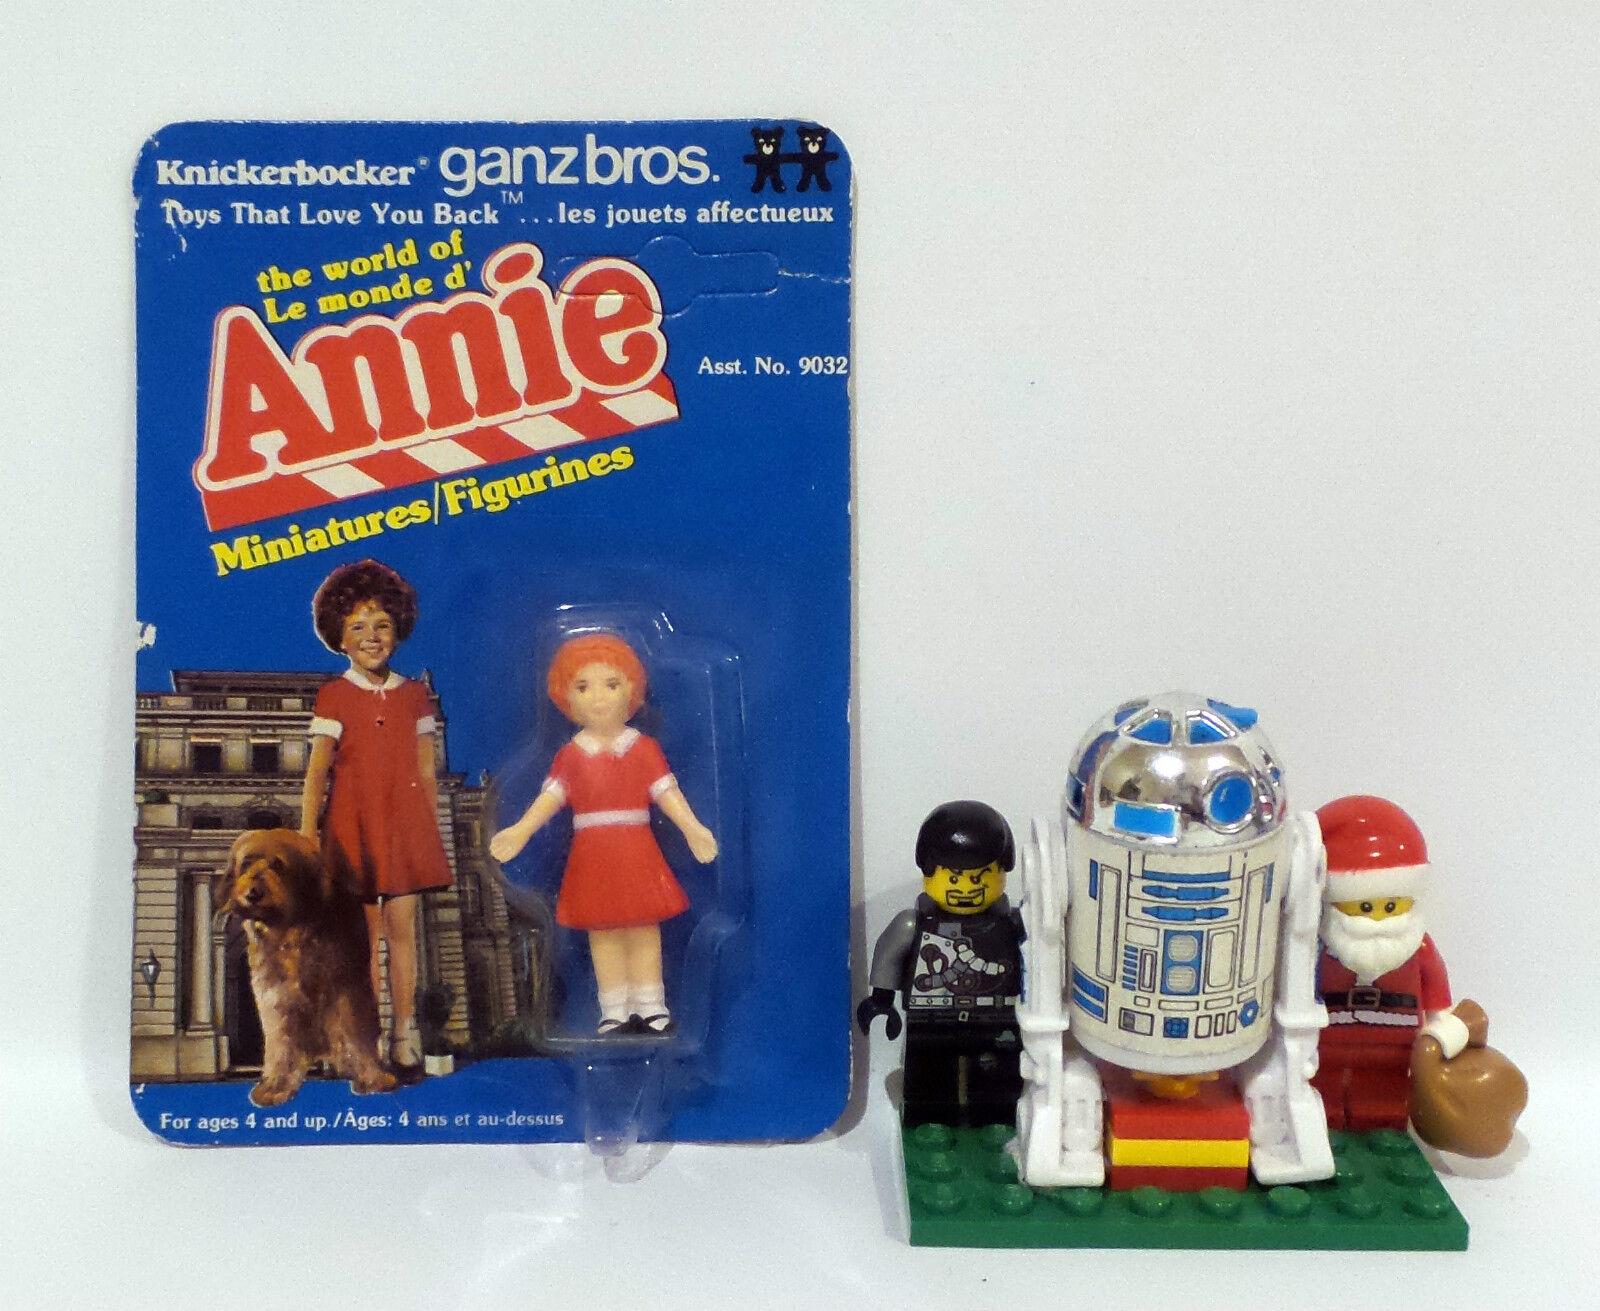 Annie  Annie autodate FIGURNE in miniatura fatta da Ganz Bros 1981 TK